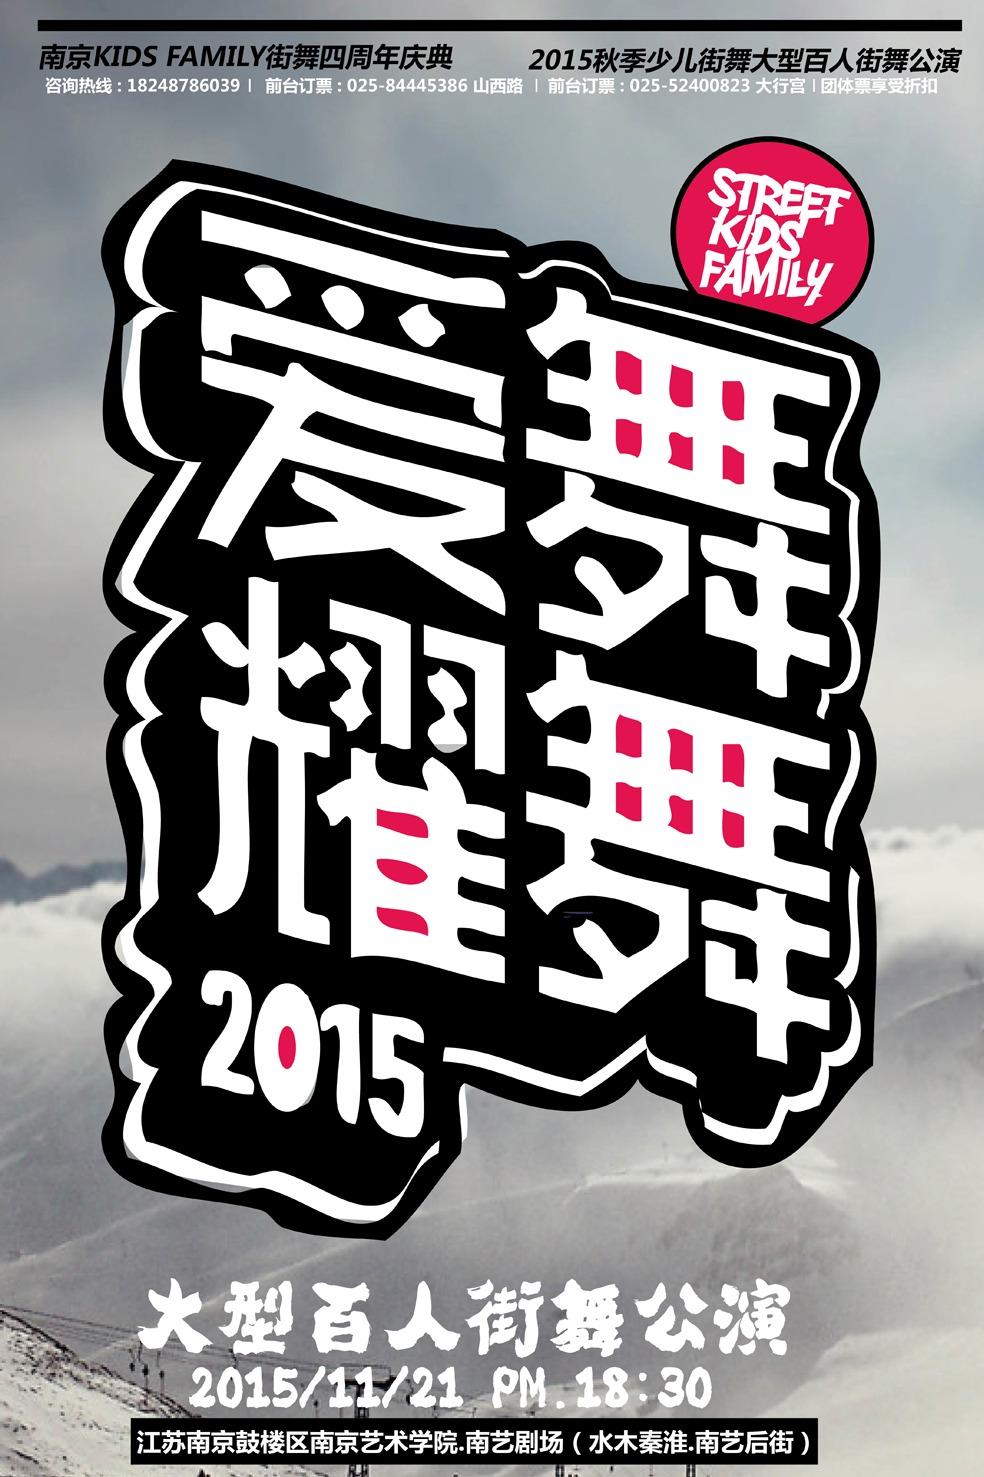 2015秋季少儿家族大型百人街舞公演庆典